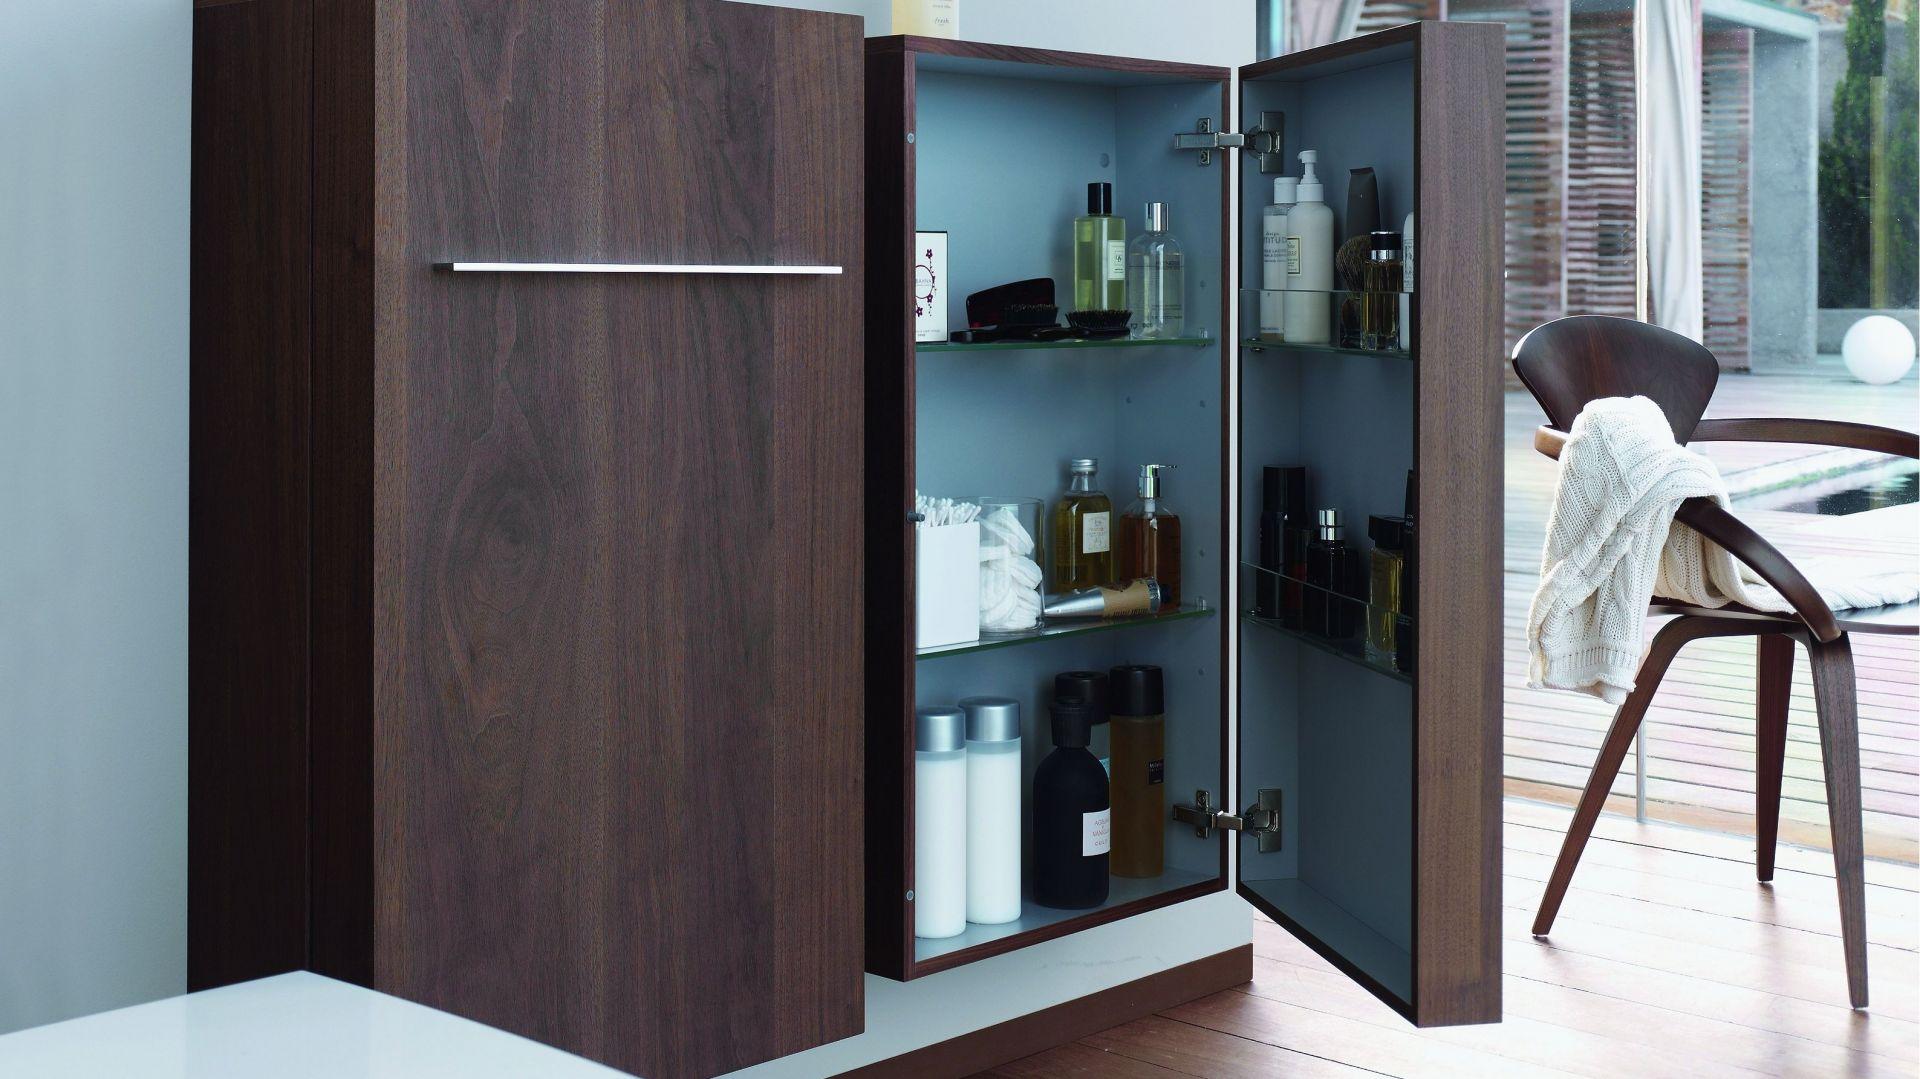 Szafka łazienkowa Fogo marki Duravit ma drzwiczki wyposażone w praktyczne dodatkowe półki, tak aby przechowywane przedmioty były łatwo dostępne. Fot. Duravit